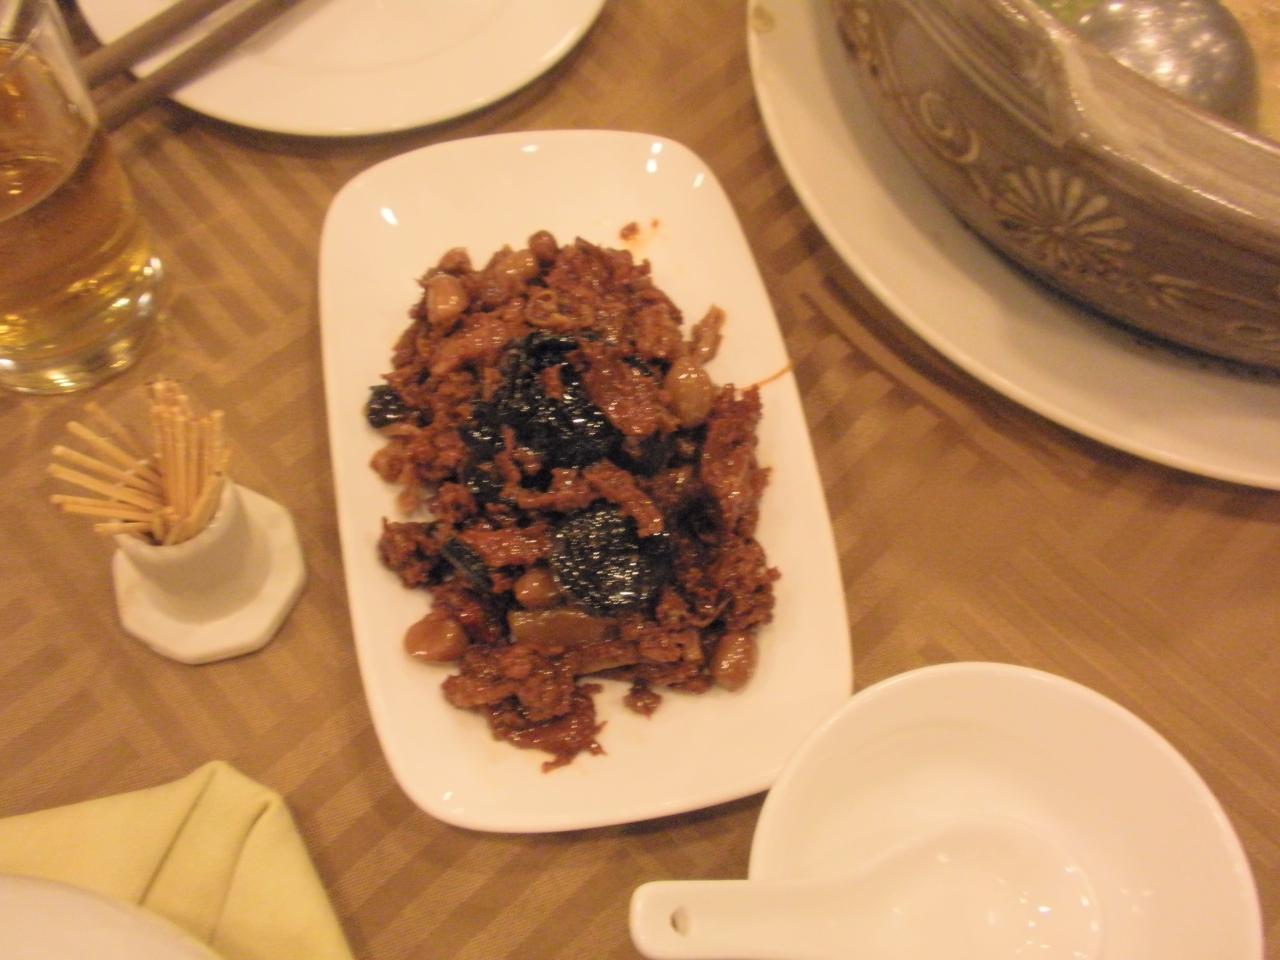 横須賀で本格的中華料理が楽しめる上海亭です。個 …